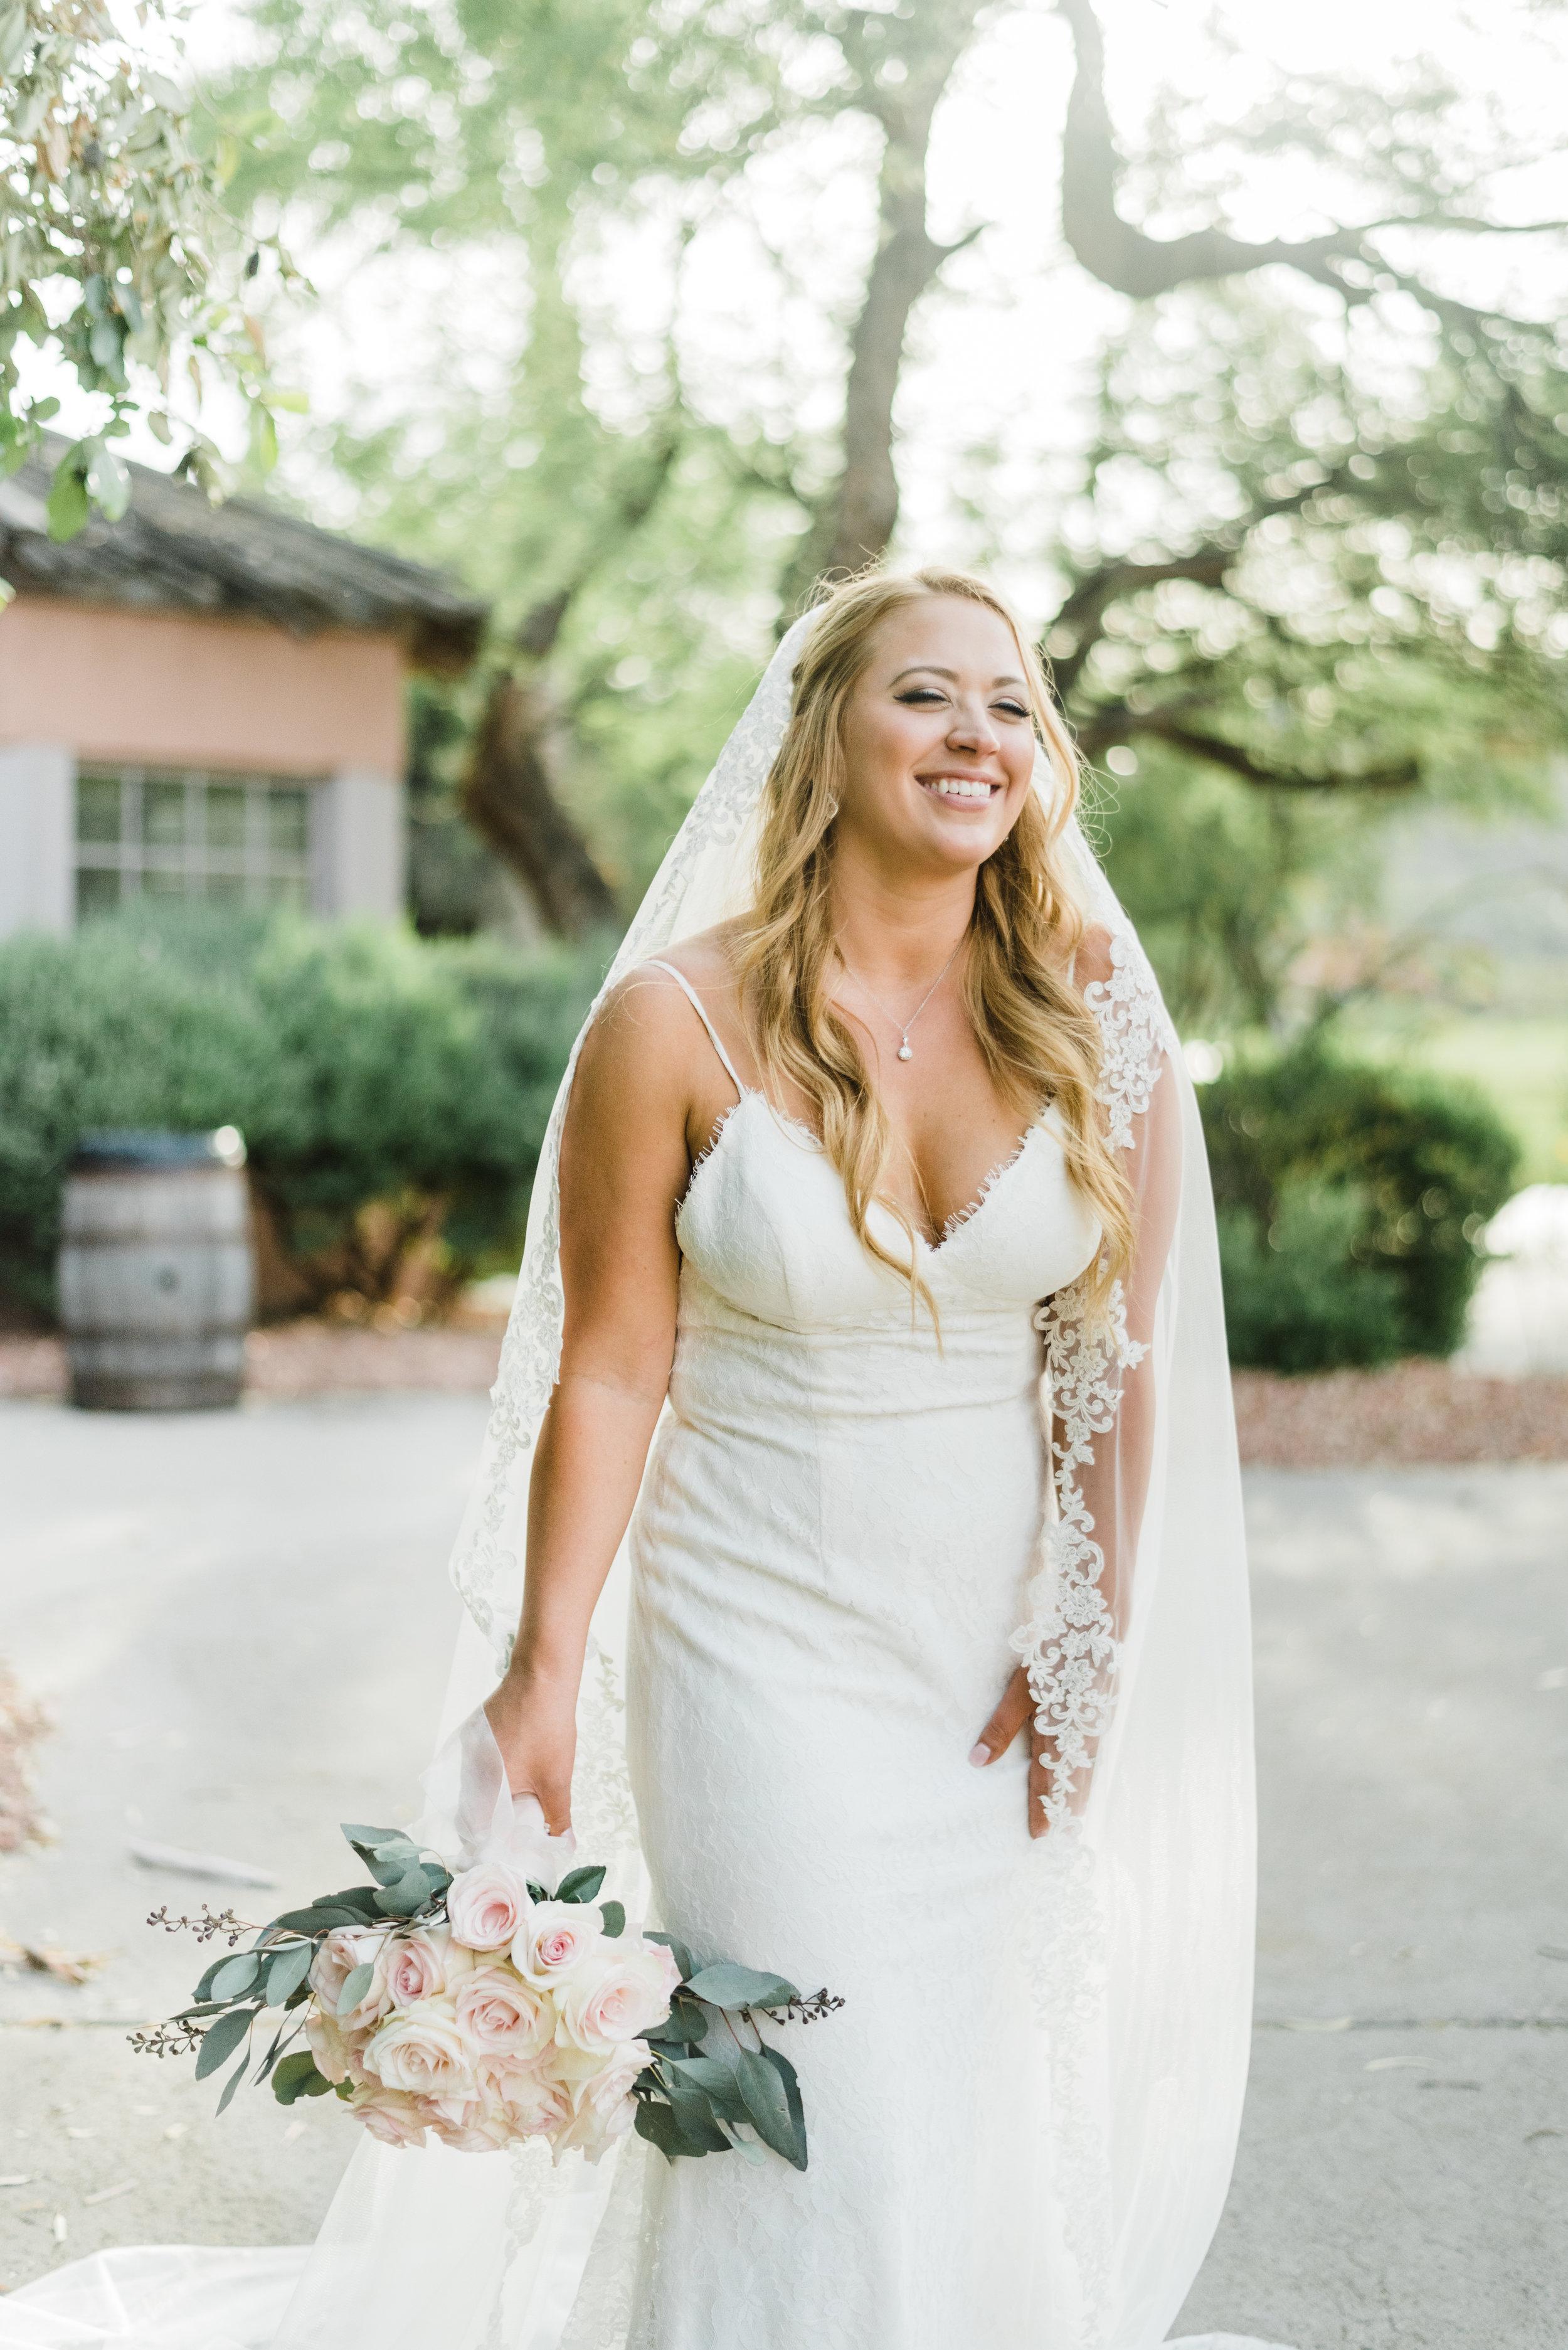 rachel&anthony.wedding-17.jpg